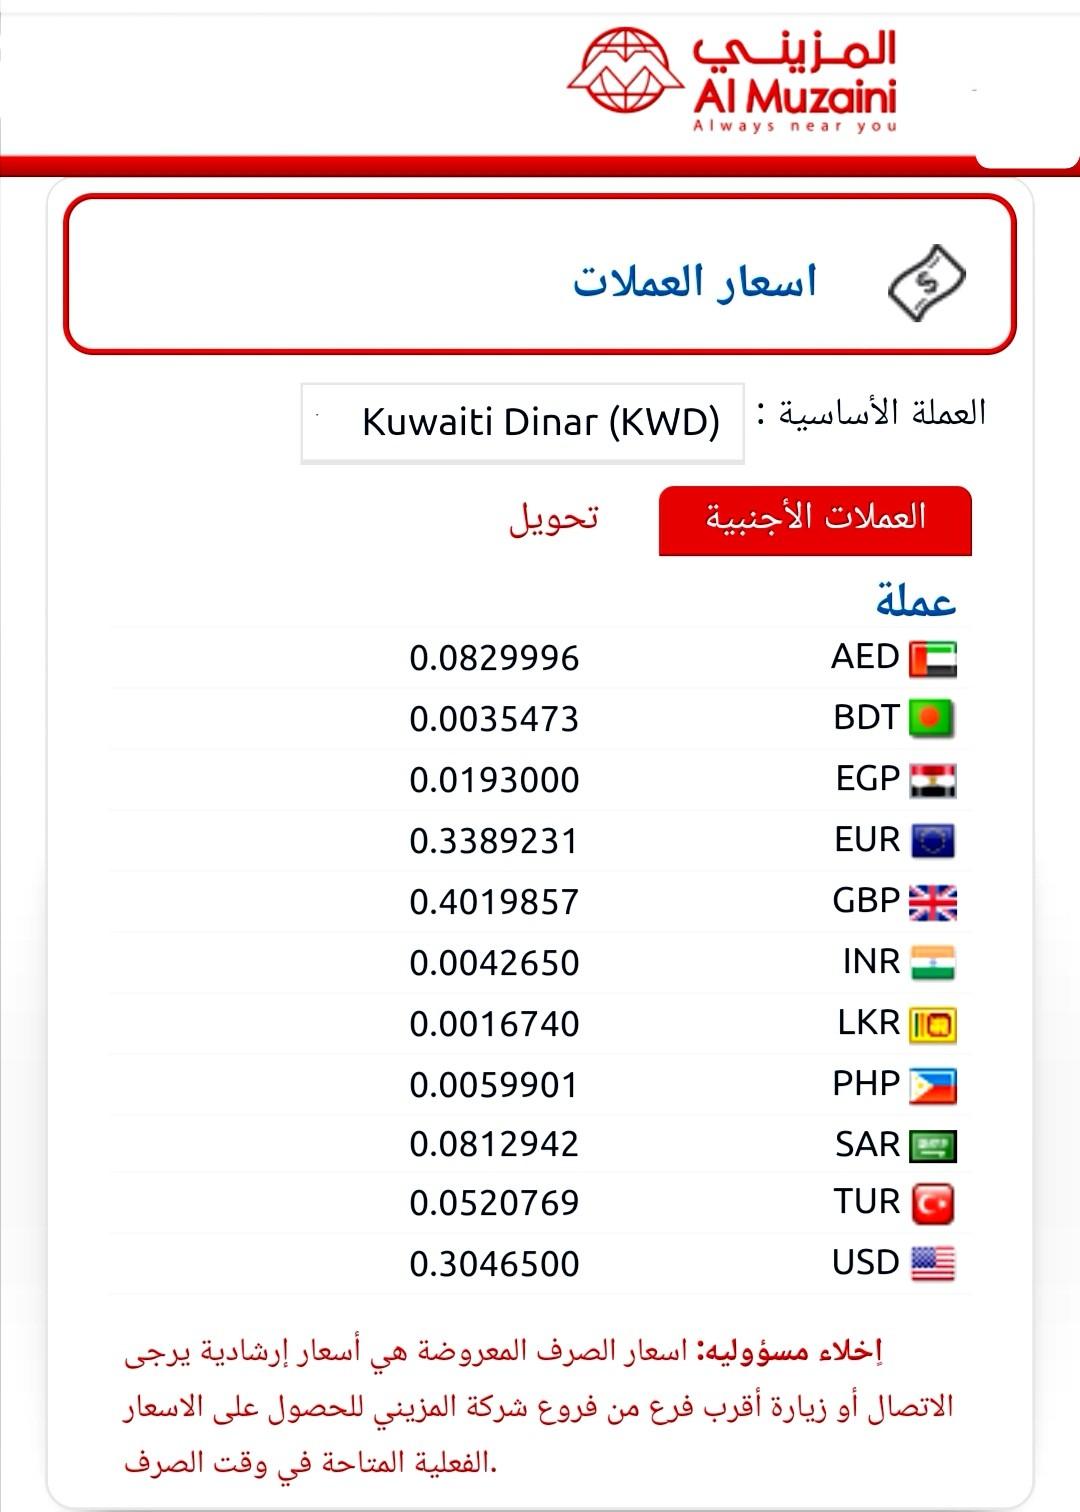 اسعار الدينار الكويتى بالجنيه المصرى